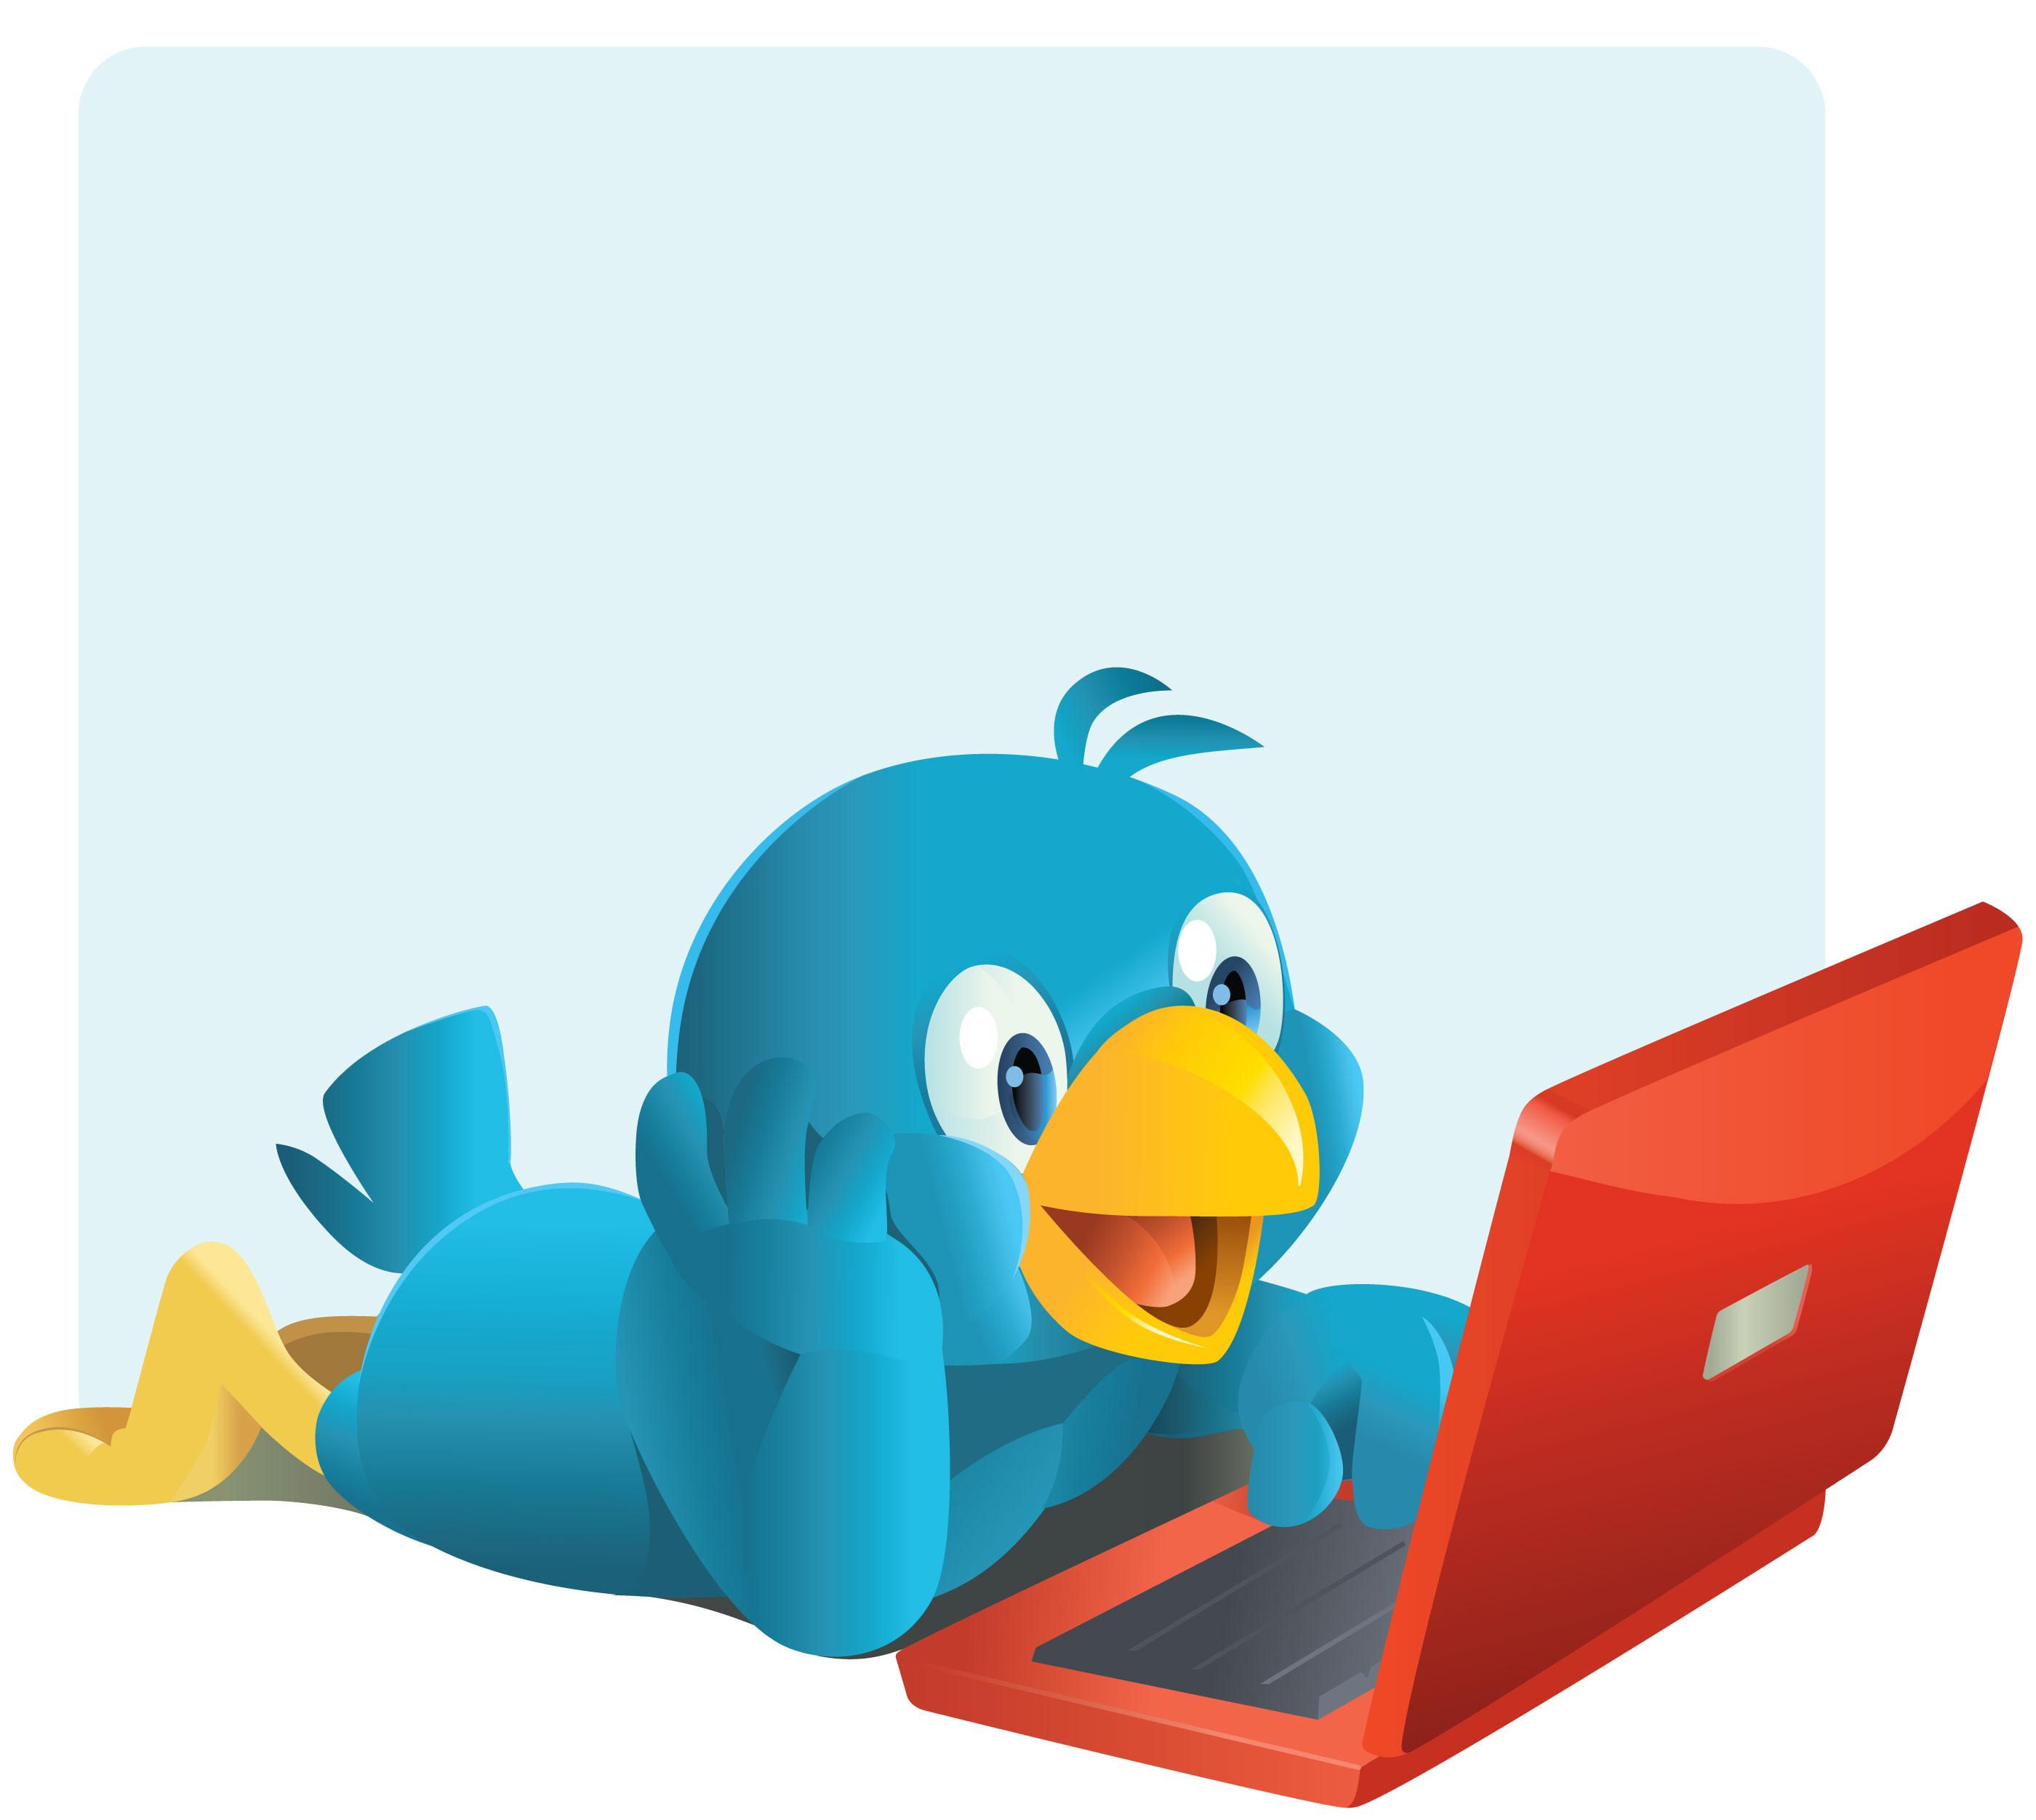 pulcino blu di twitter che legge allegramente il monitor di un pc portatile rosso